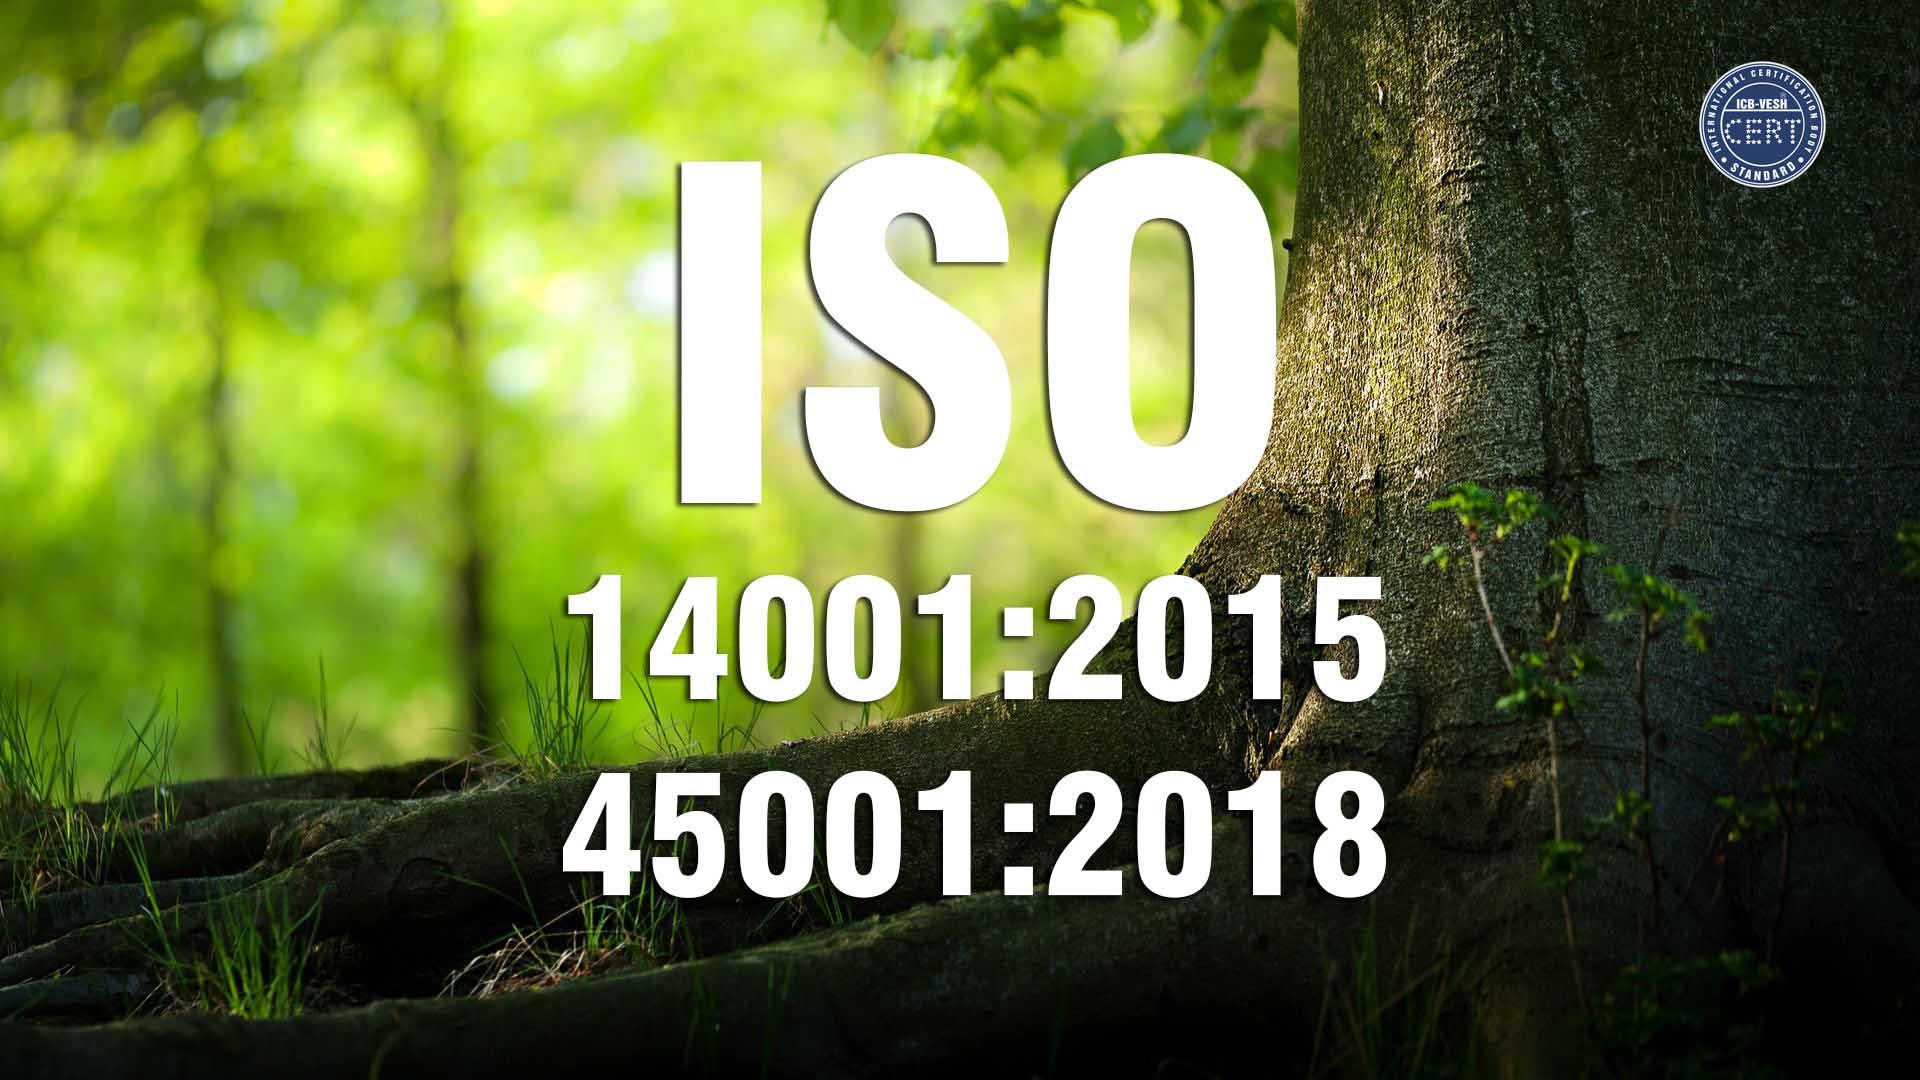 Chứng nhận ISO 14001:2015